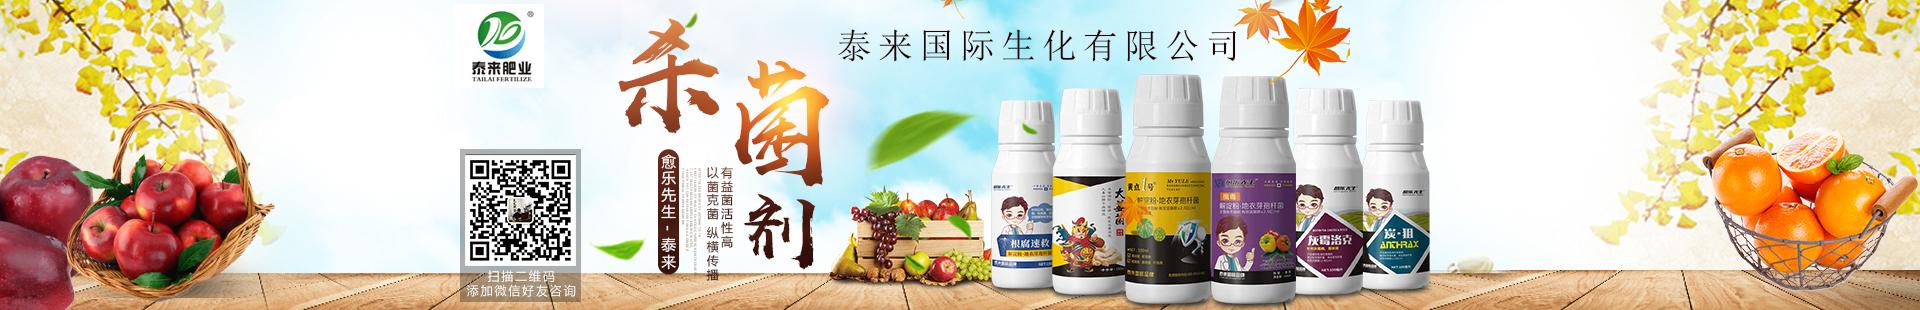 泰来国际肥业有限公司